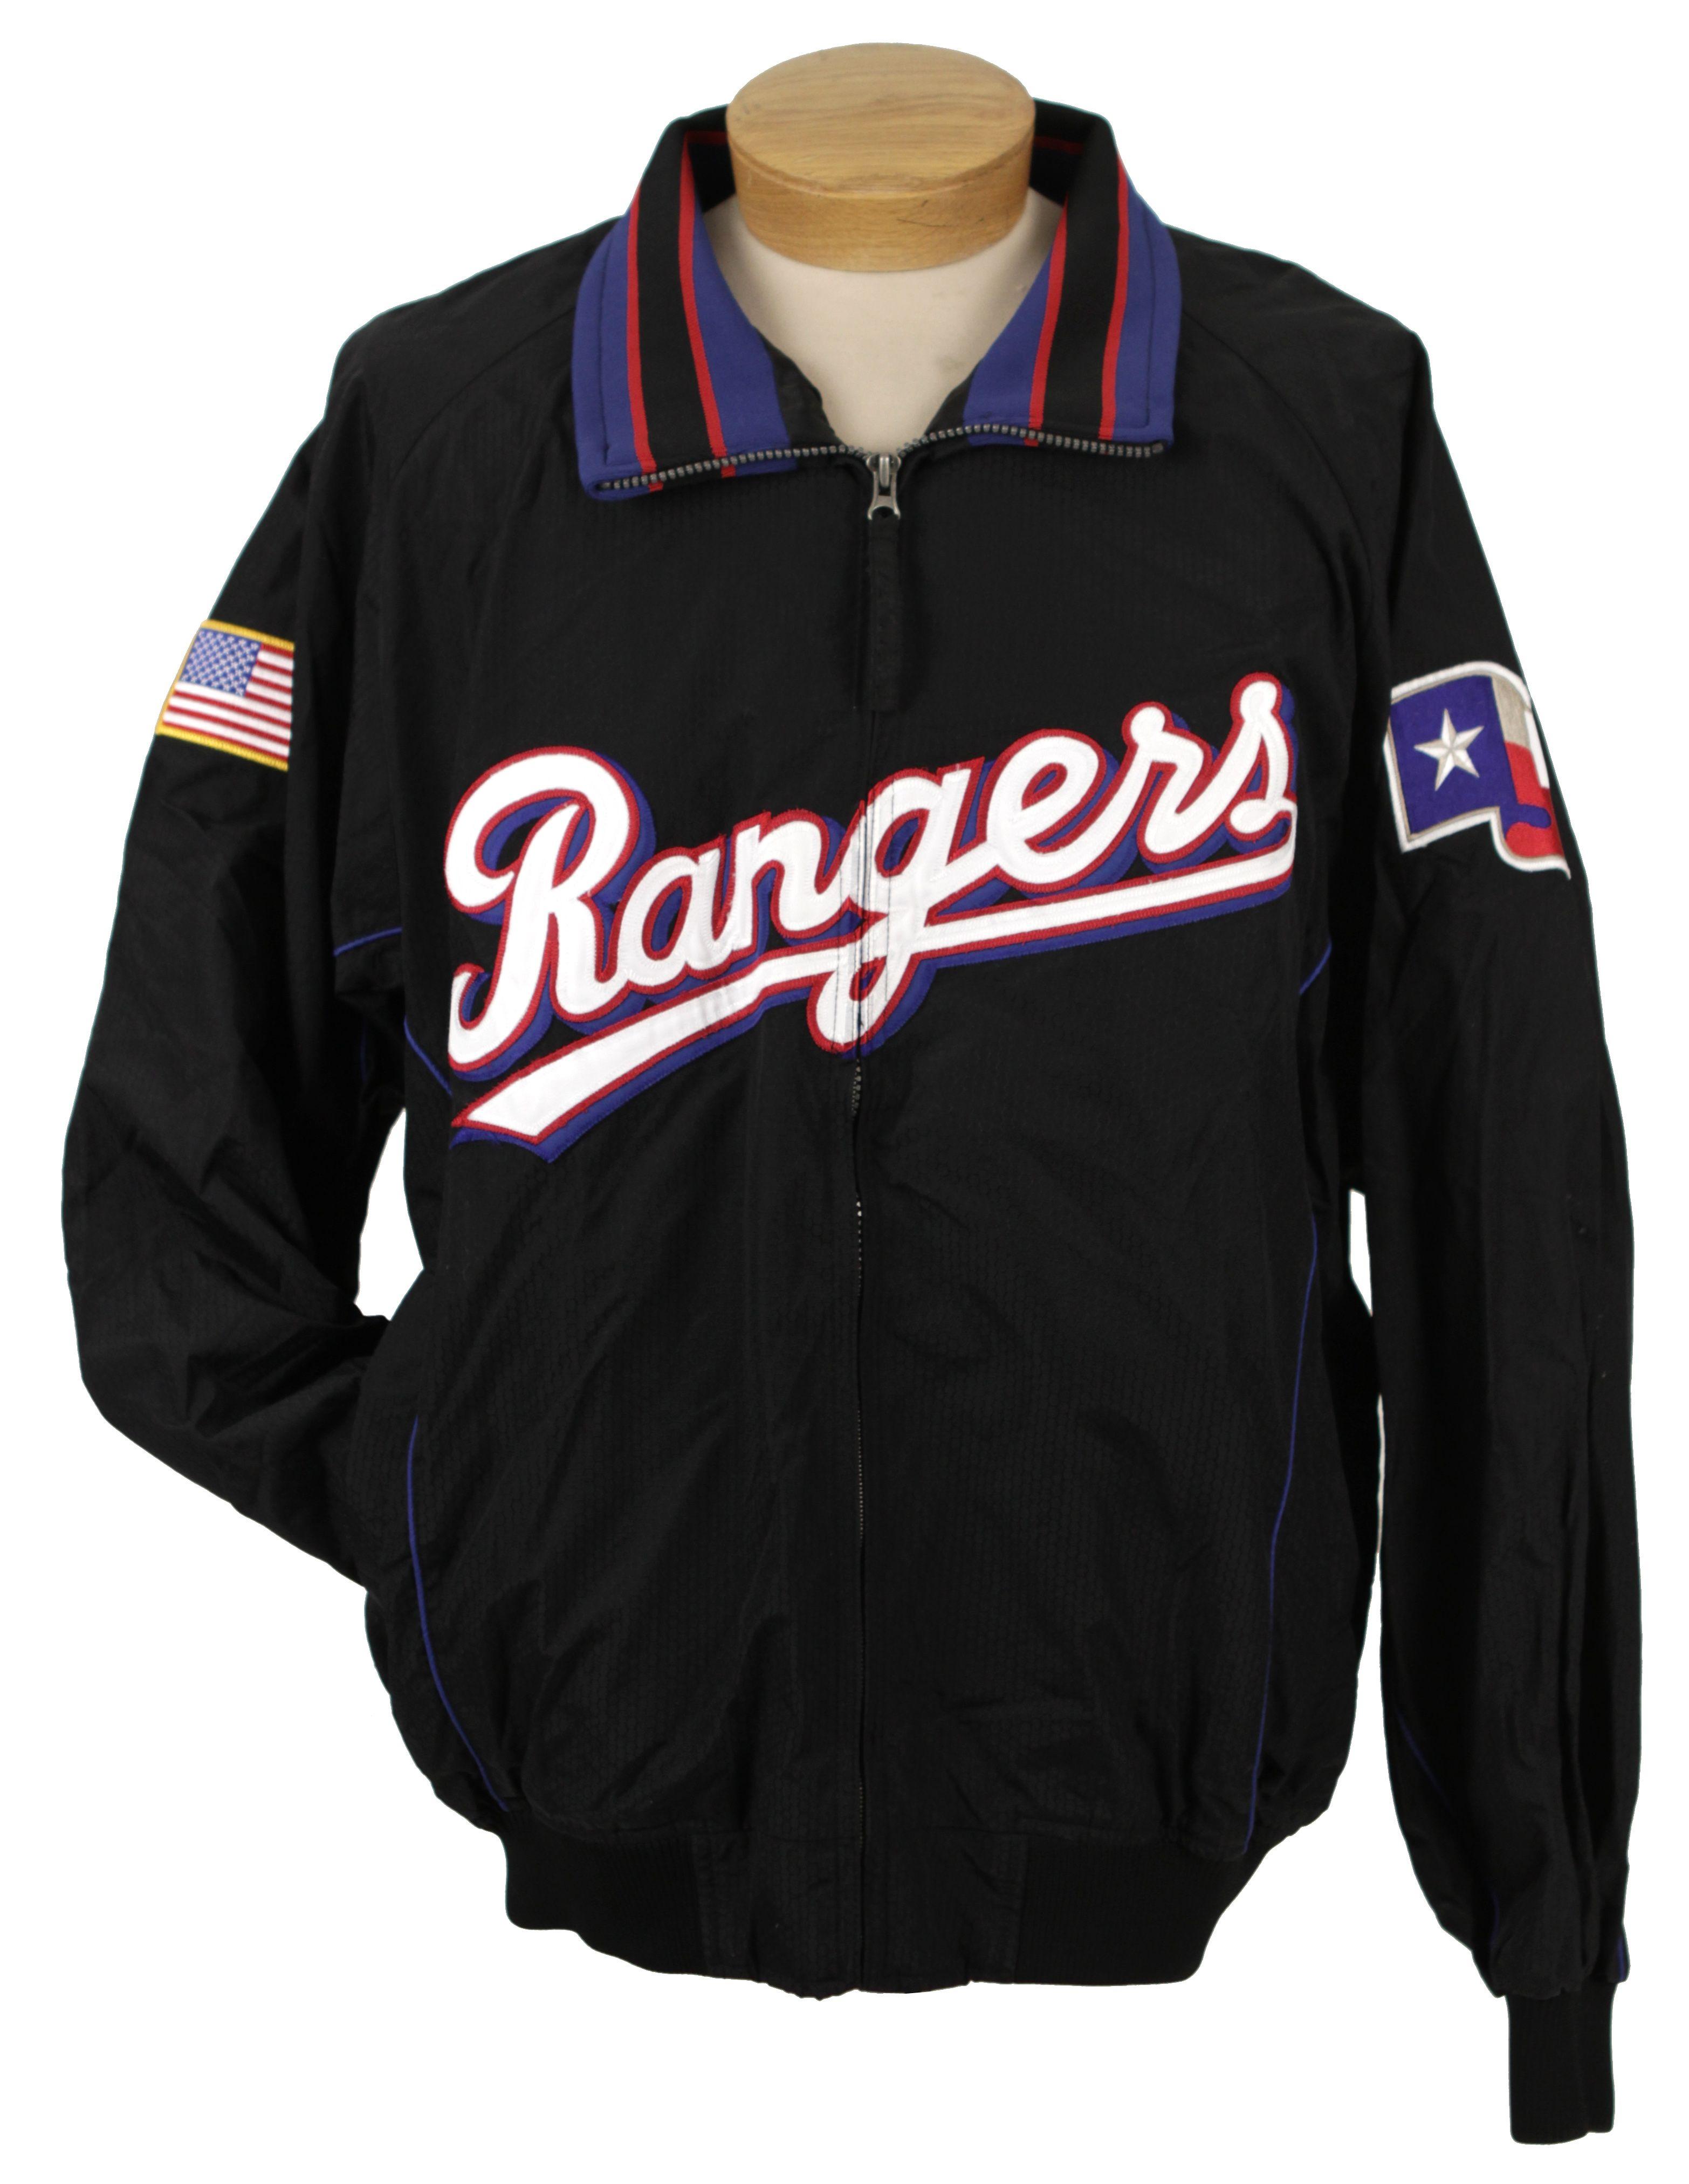 best service 153a1 70e4e Lot Detail - 2000s Texas Rangers Game Worn Bullpen Jacket ...